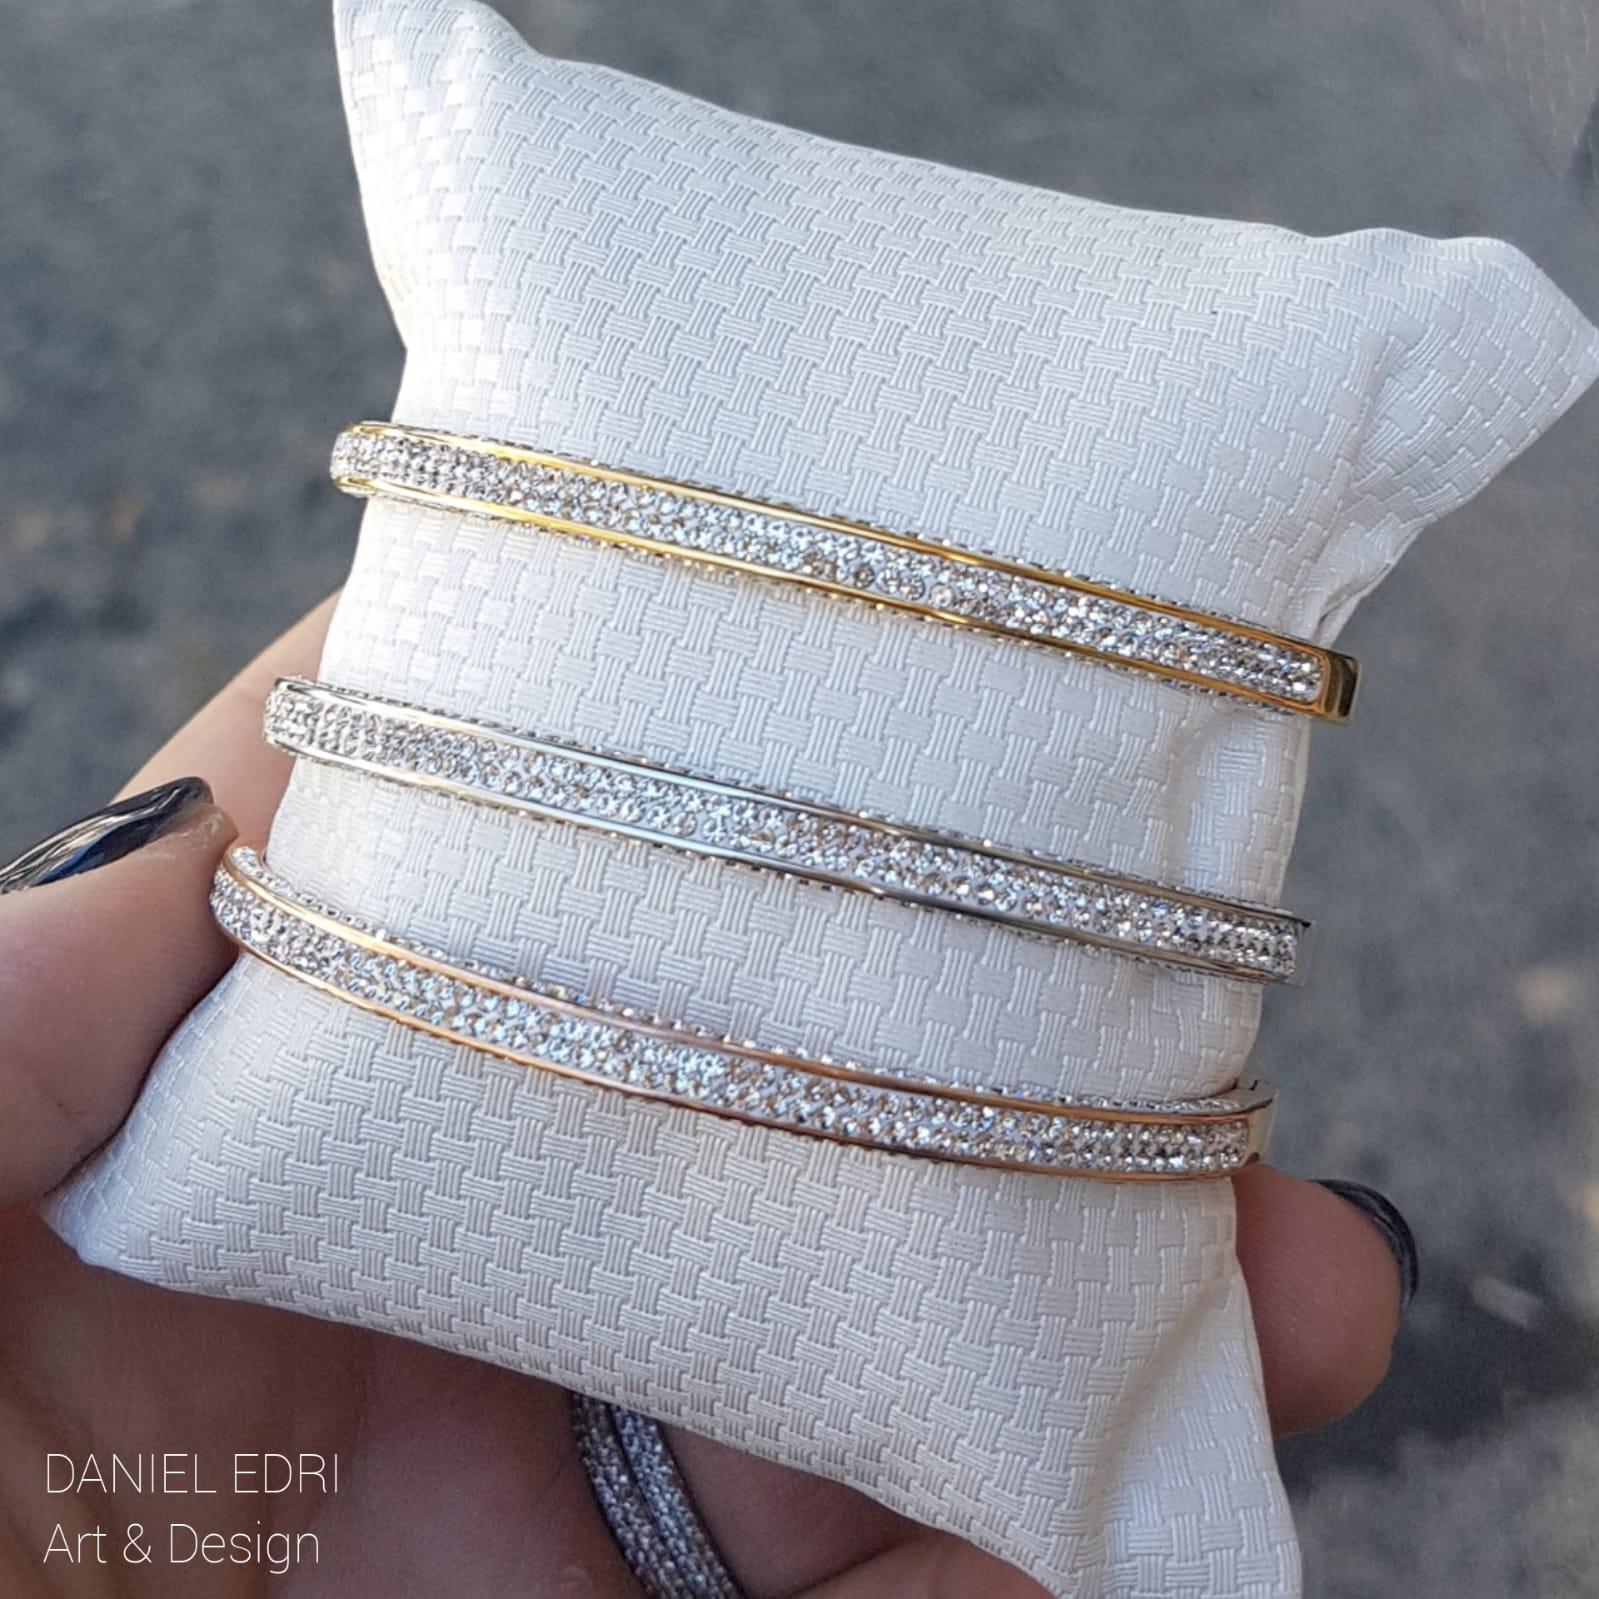 צמיד קשיח משובץ 3 צבעים- צמיד בציפוי זהב/ כסף/זהב אדום